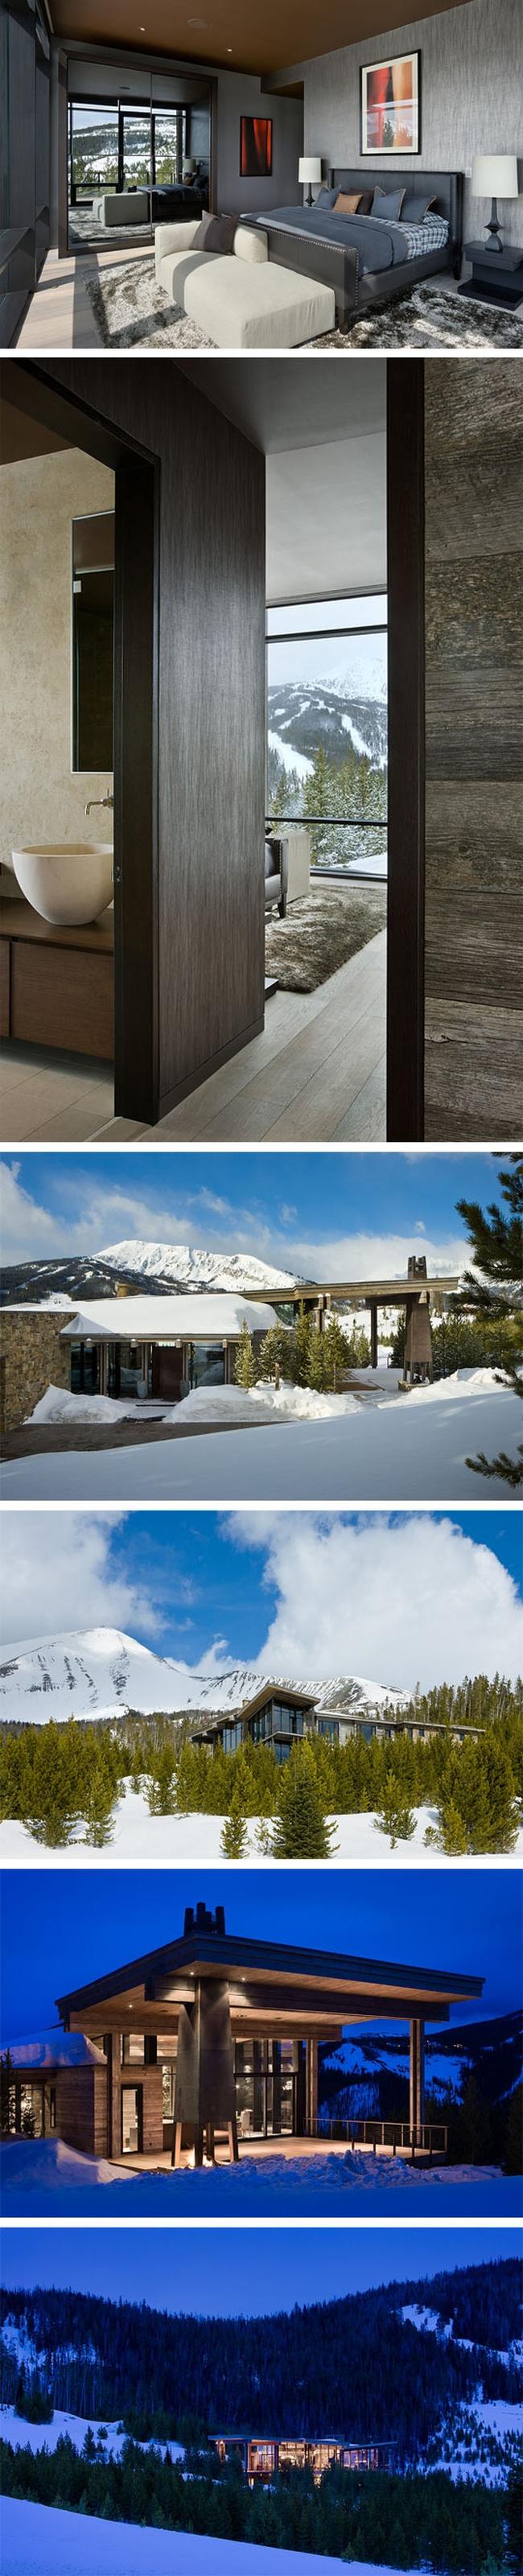 wspaniale-wille-drewniane-nowoczesne-domy-gorskie-lesne-dla-mysliwego-milosnika-lasu-przyrody-1